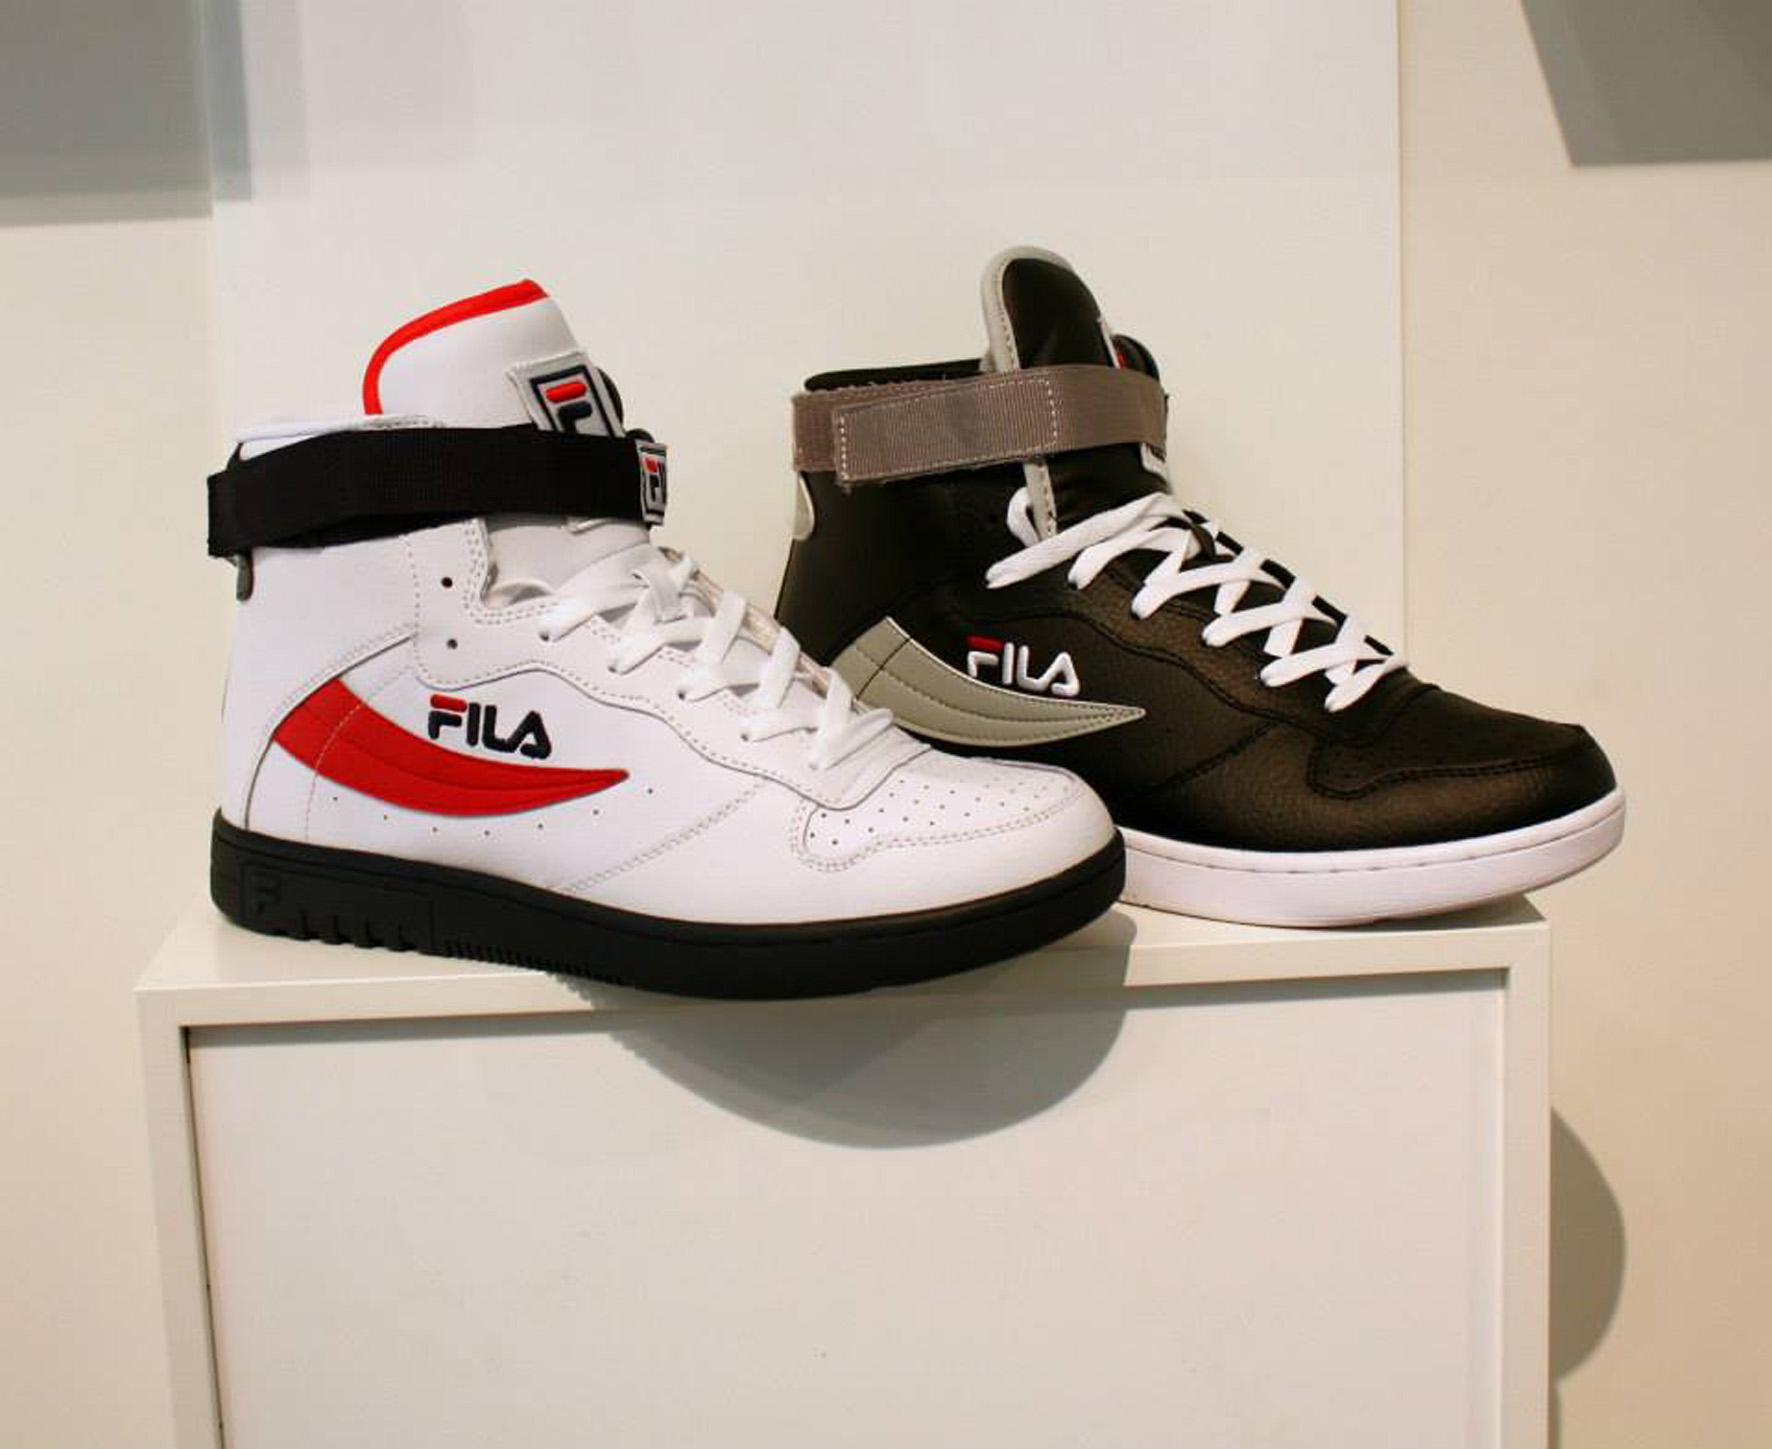 Son Grand Marque Retour Gamme De FilaLa Sportswear Fait Haut 0wXPk8nO